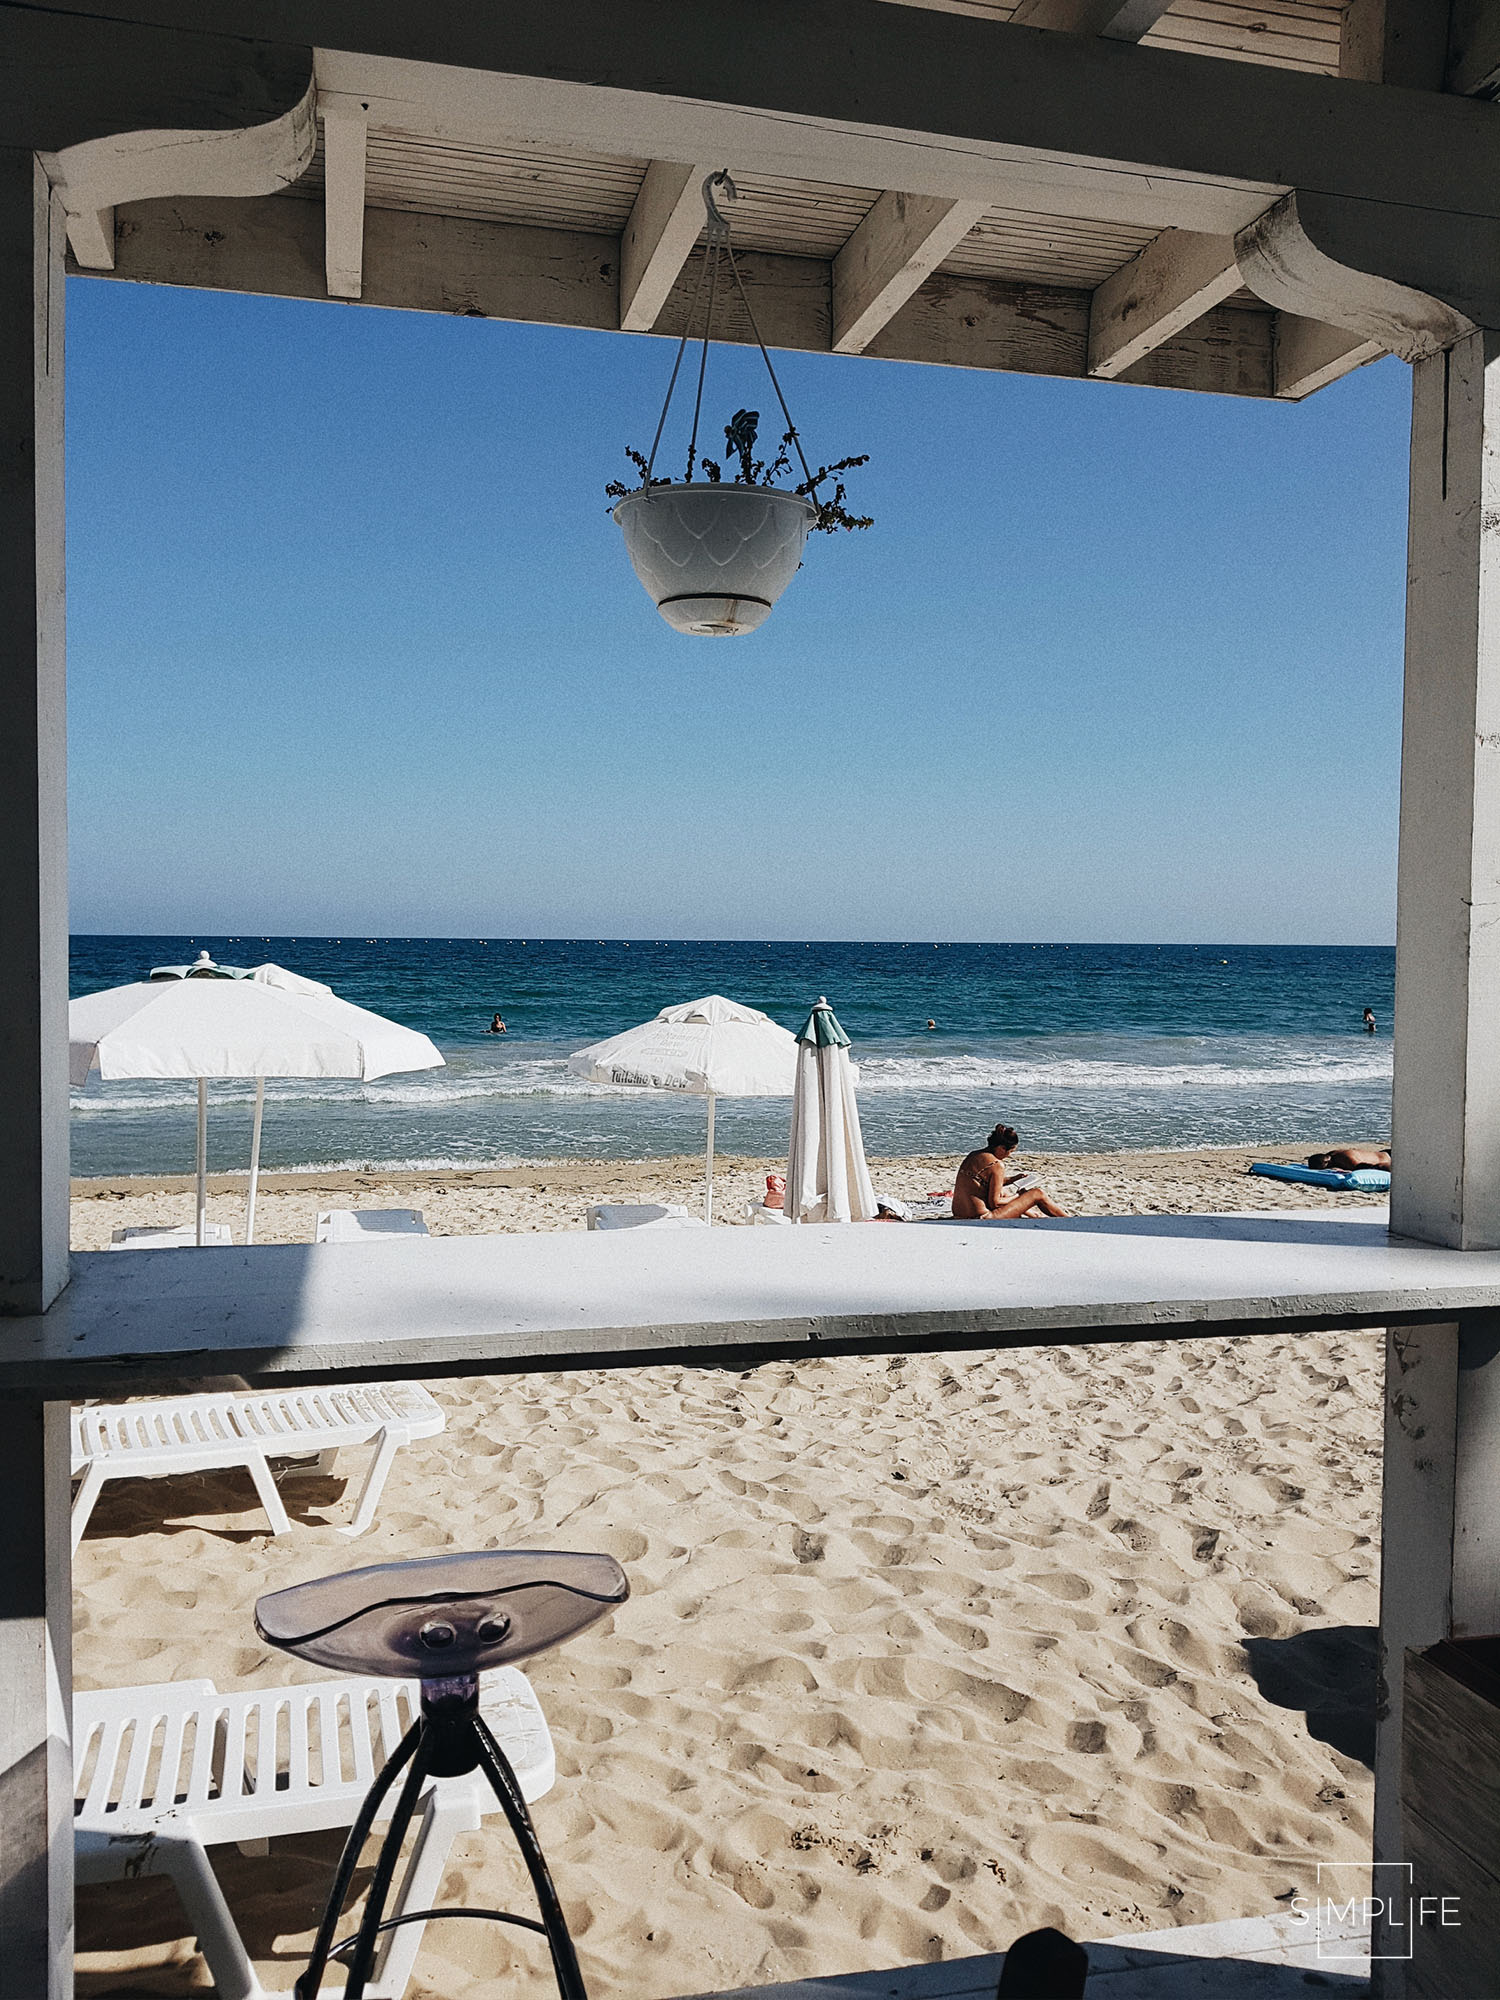 Bułgaria we wrześniu plaże